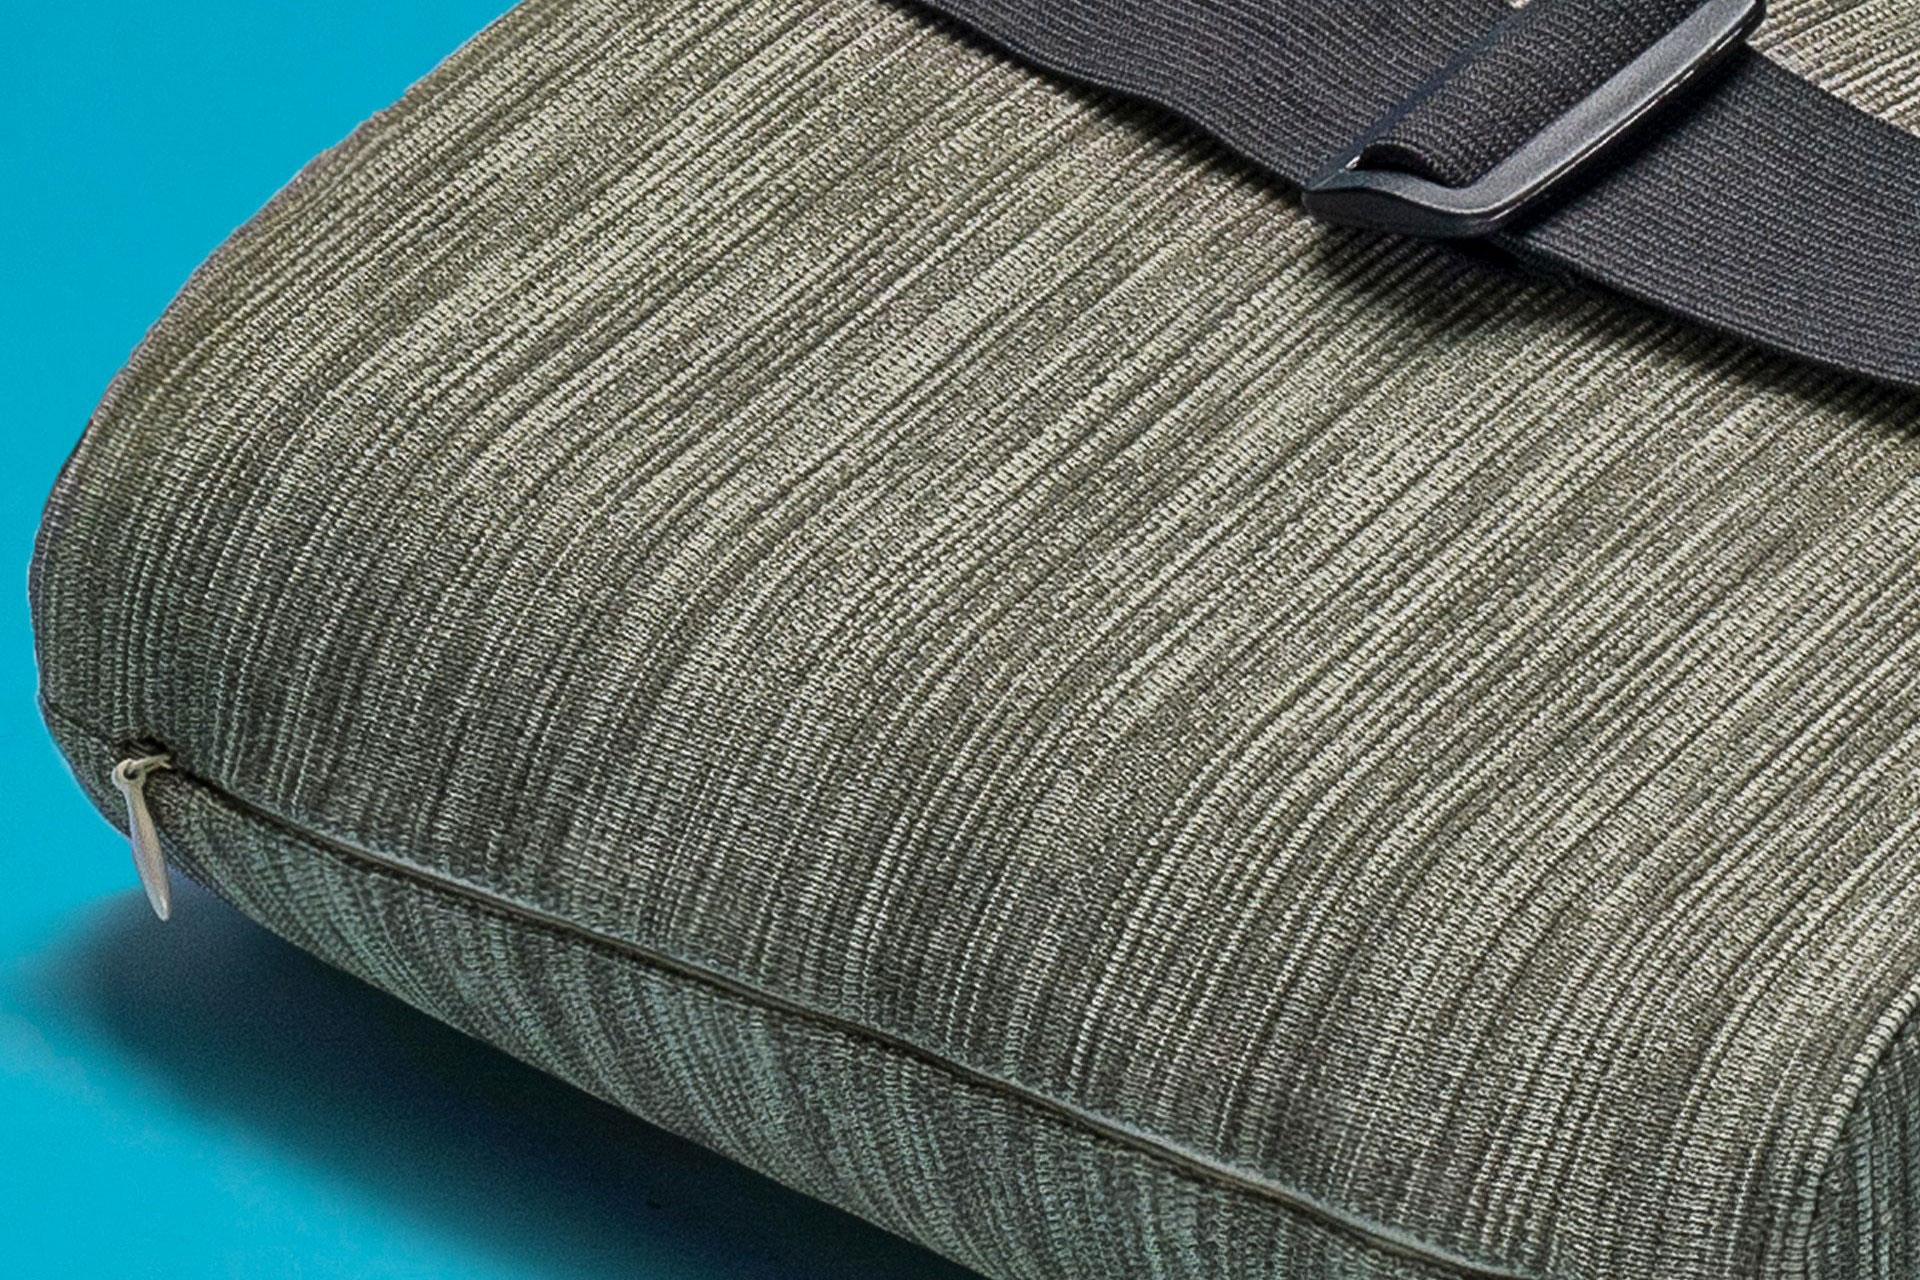 Dettaglio Cuscino sostegno lombare per la schiena